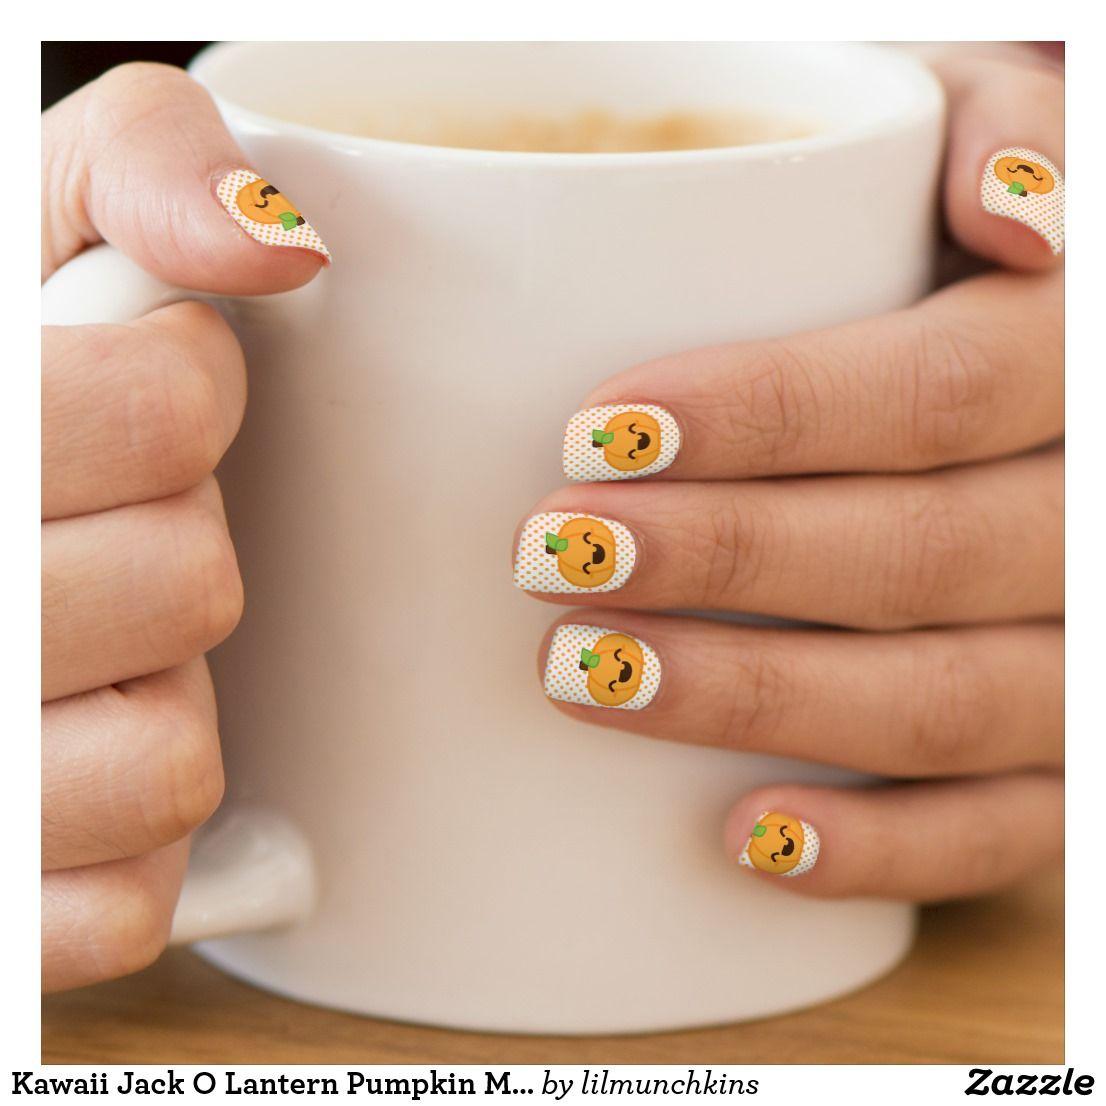 Kawaii Jack O Lantern Pumpkin Minx Nail Art | Zazzle.com ...